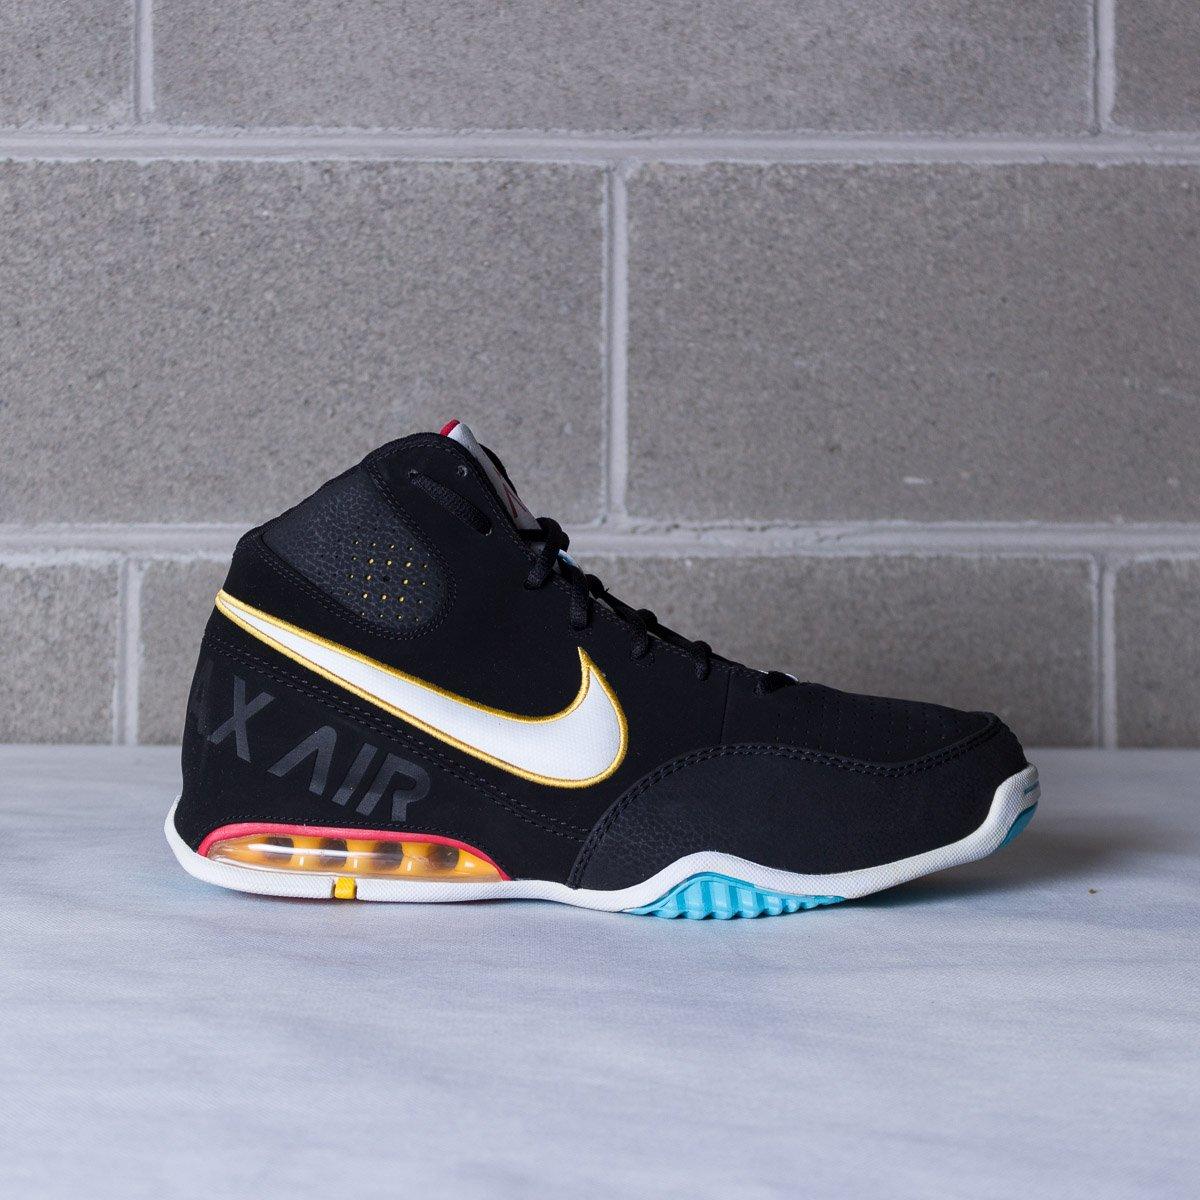 Upfuori Air Piedi Dai Max Spot U3tjlf1ck Nike 3Ac5R4jqL